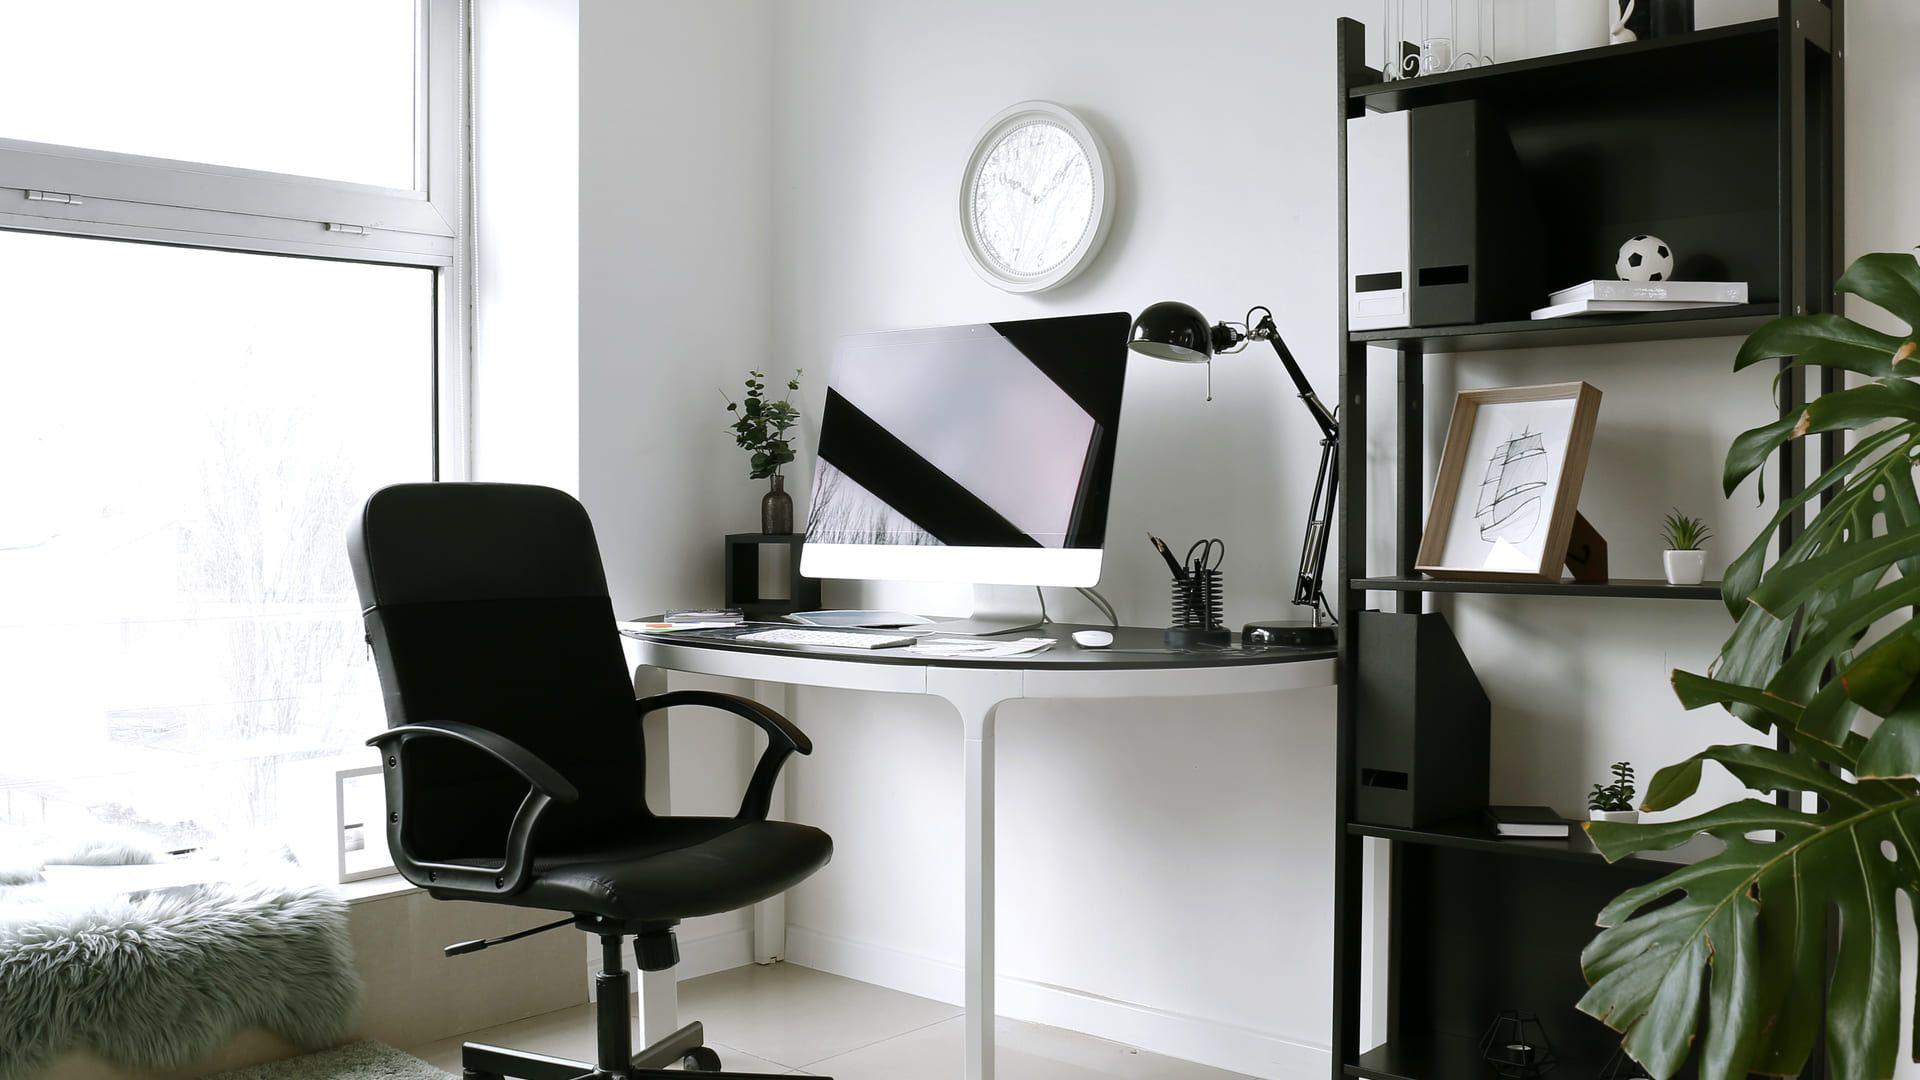 Uma boa mesa e cadeira são essenciais no home office. (Foto: Shutterstock/Aquarius Studio)